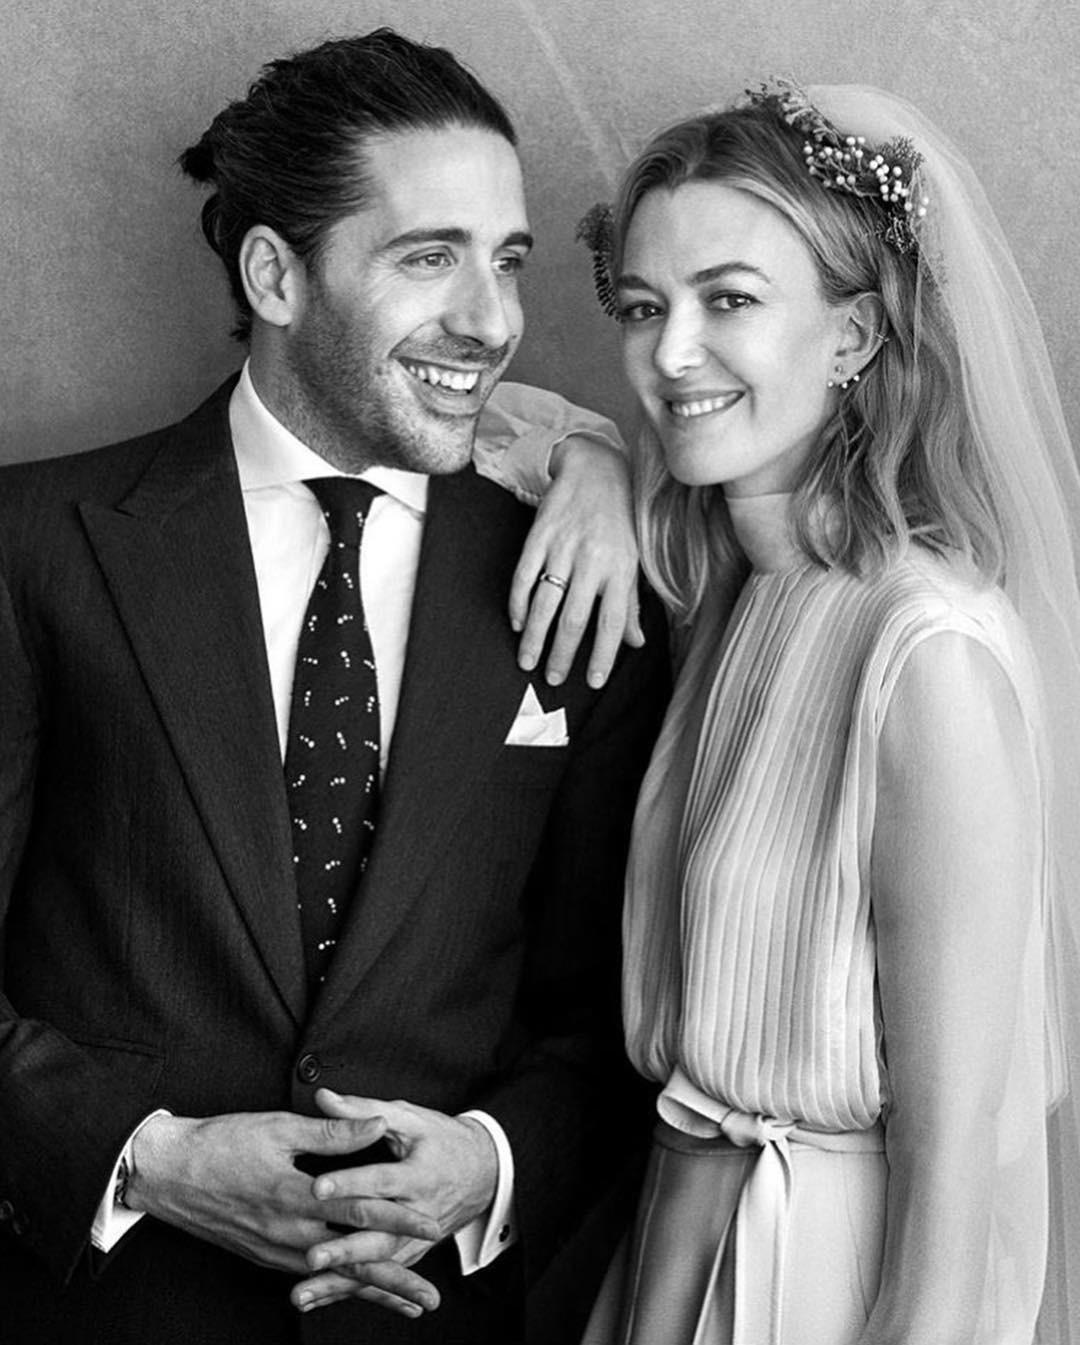 Chẳng đầm xòe lồng lộn, ái nữ thừa kế của ông trùm Zara vừa lên xe hoa trong bộ váy cưới đơn giản khác biệt nhất bạn từng thấy - Ảnh 1.